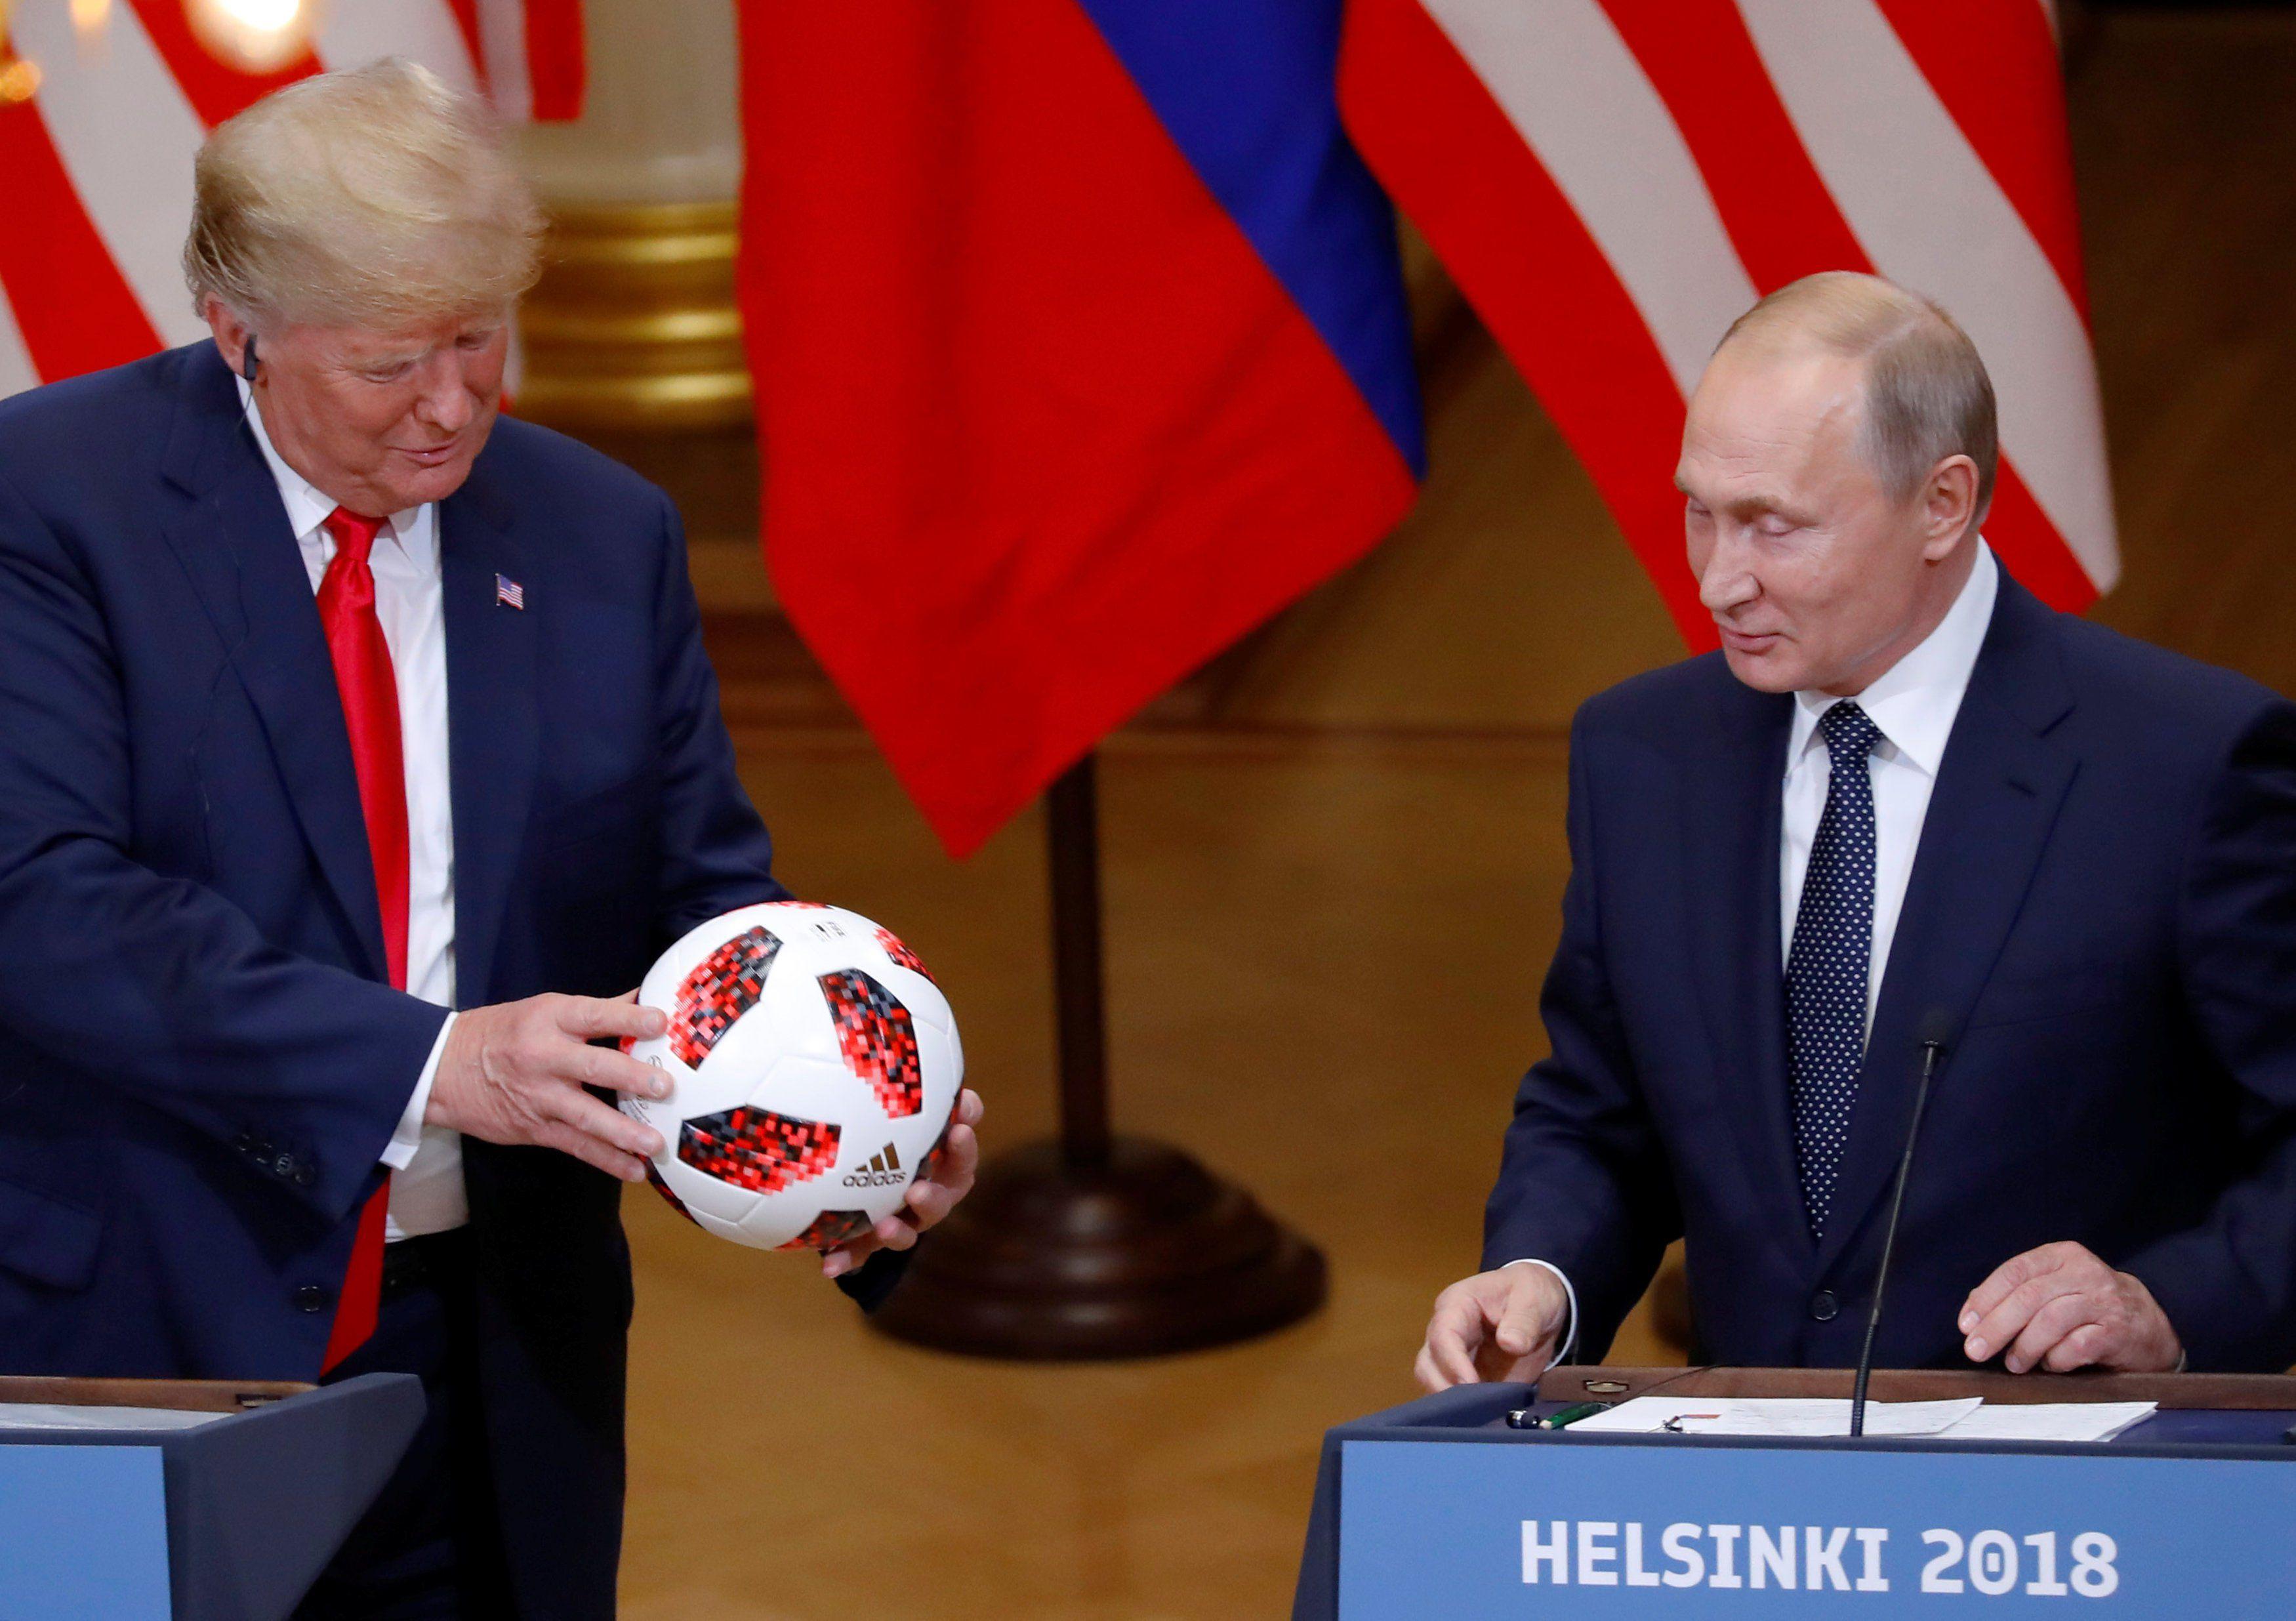 ترامب وإيران.. ماذا بعد هلسنكي؟!